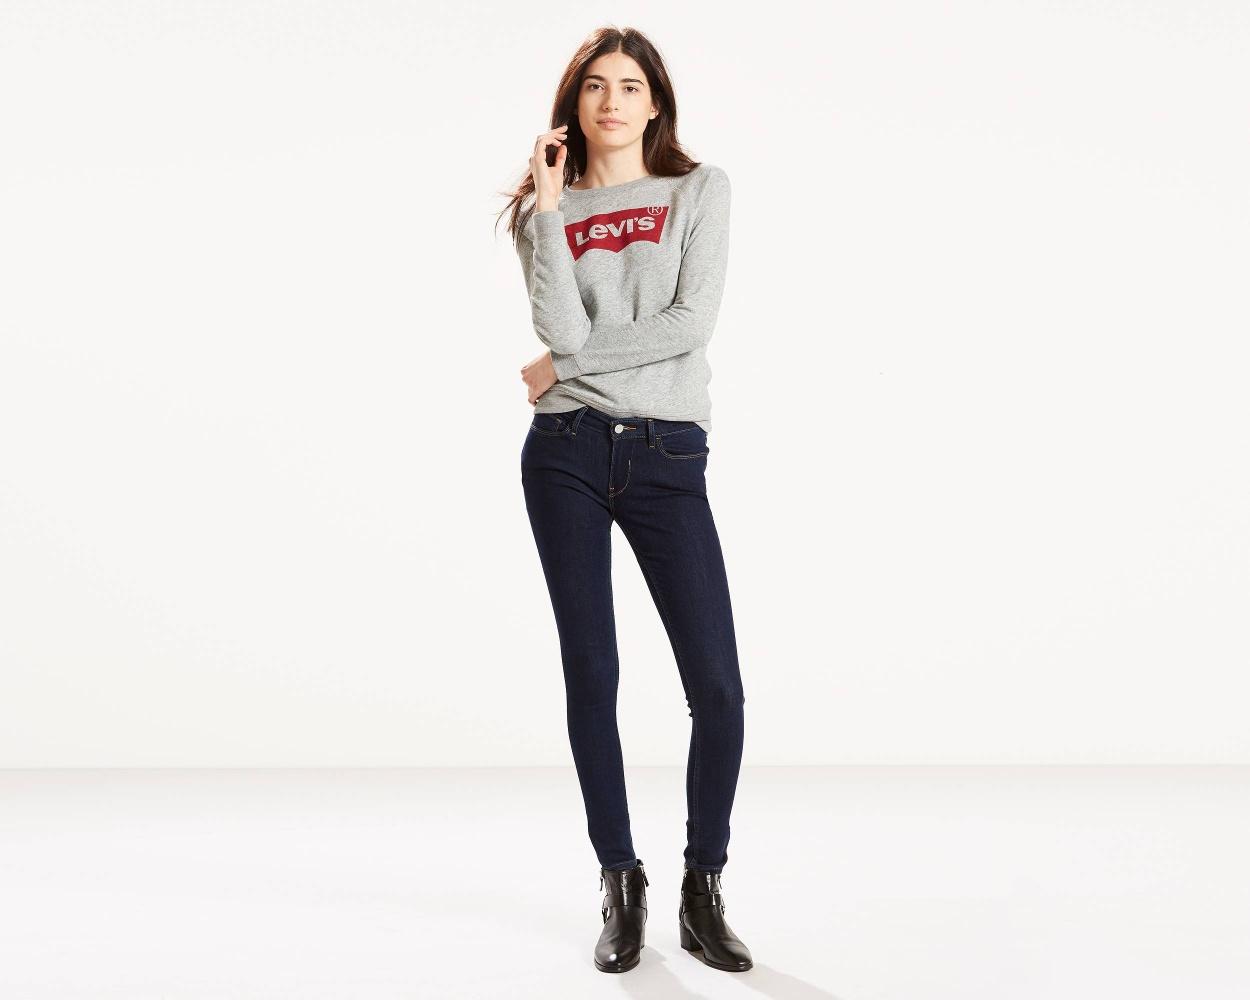 Трехцветный свитер Tommy Hilfiger с v-образным вырезом — Интернет ... b7314eb2080